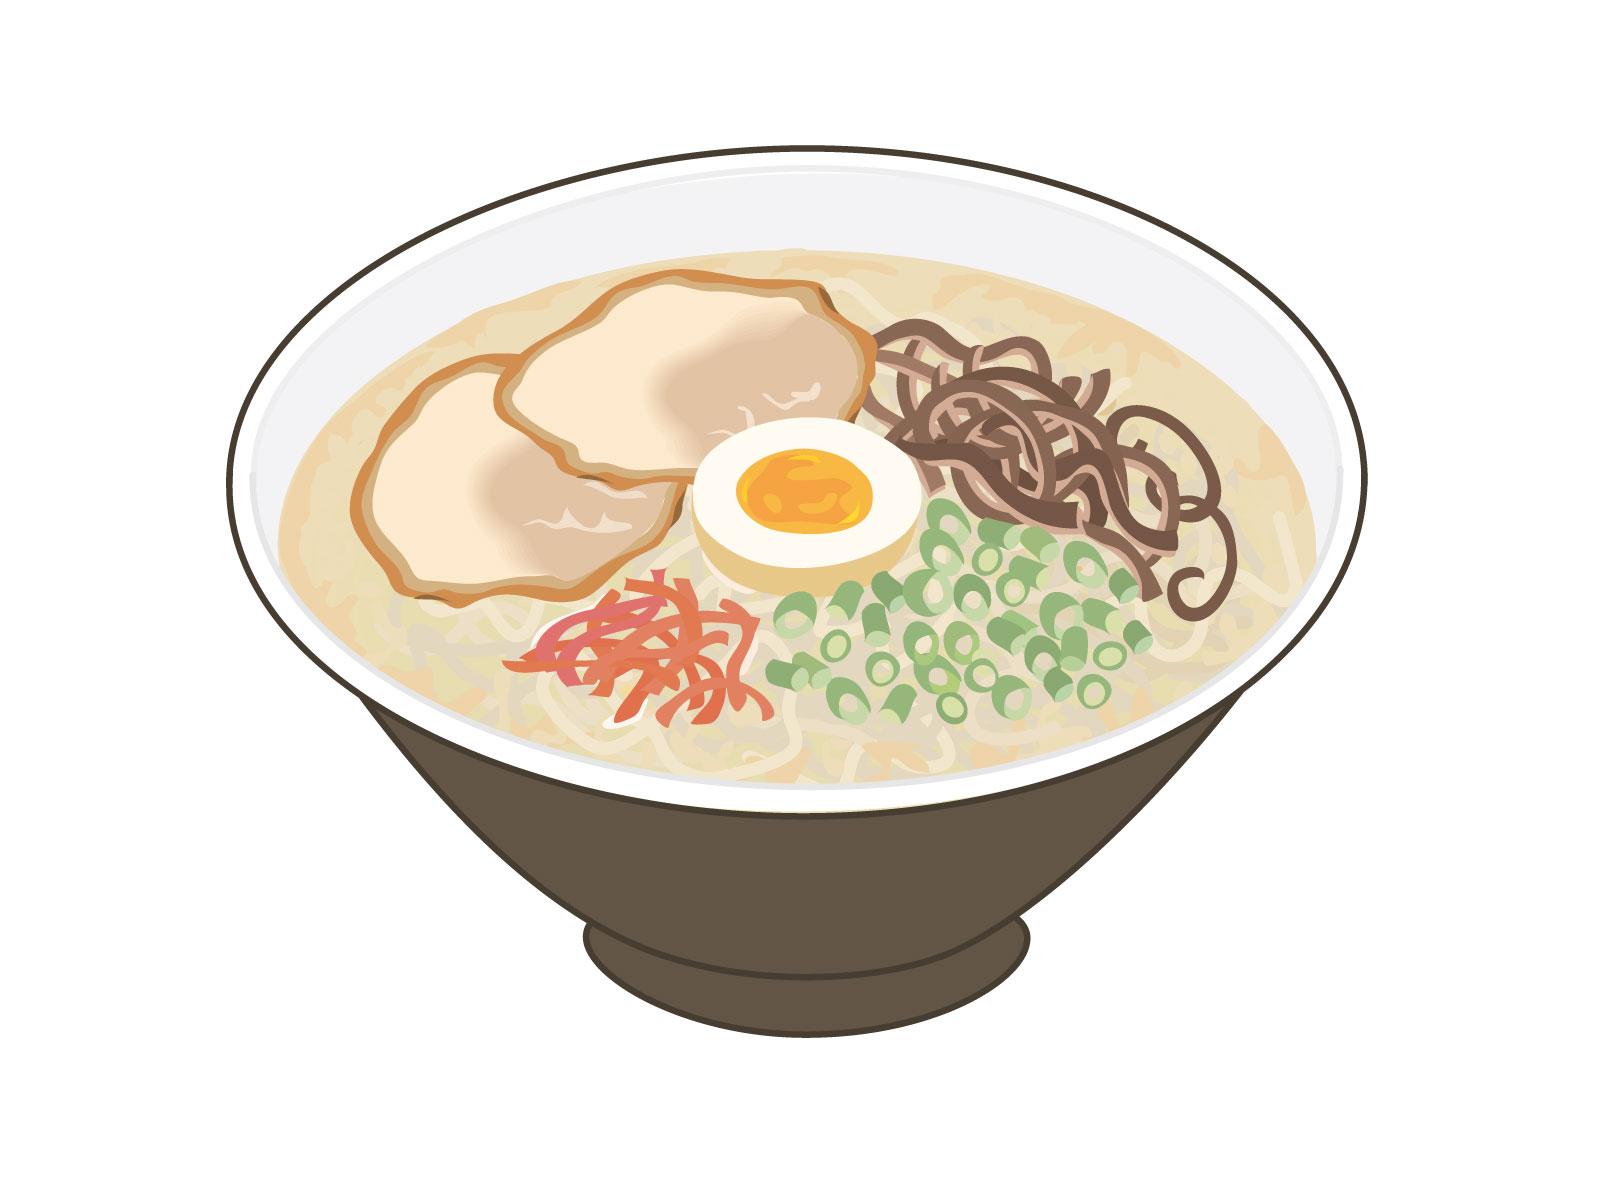 店員「麺の硬さどうします?」彡(^)(^) 「ハリガネや!」店員「アホやろこいつ…(はい)」